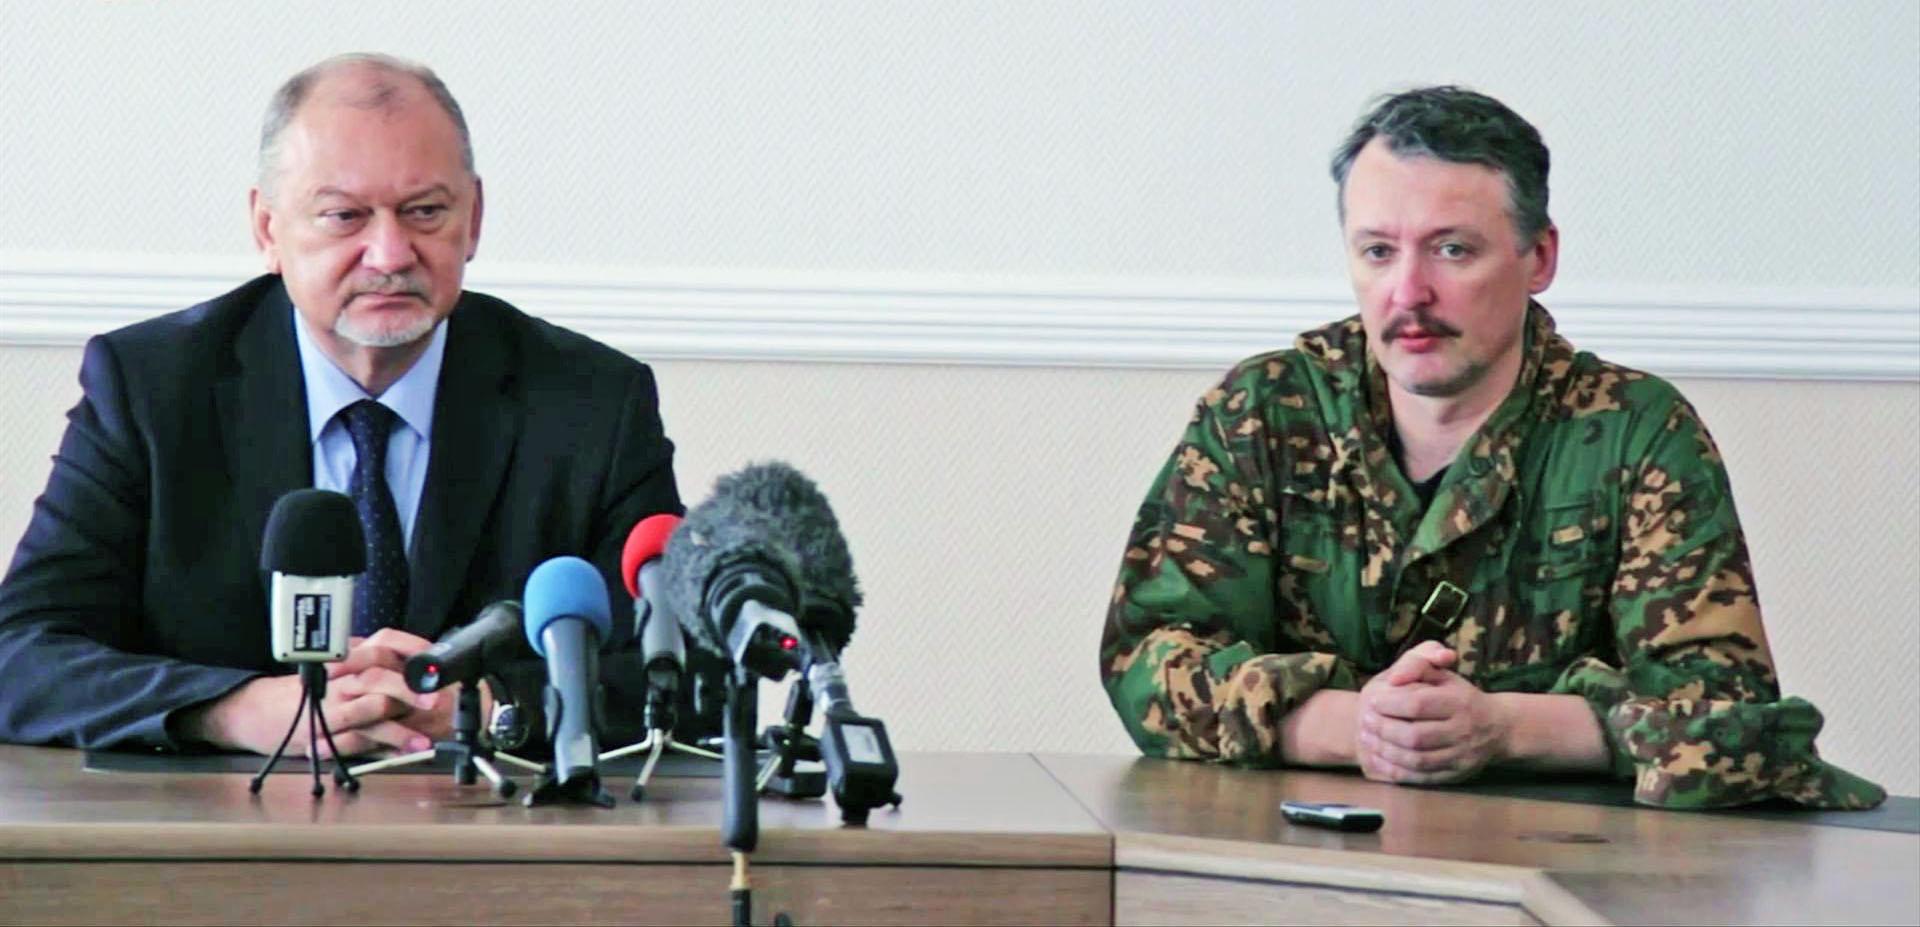 Пресс-конференция Игоря Стрелкова и Владимира Антюфеева о ситуации в Новороссии